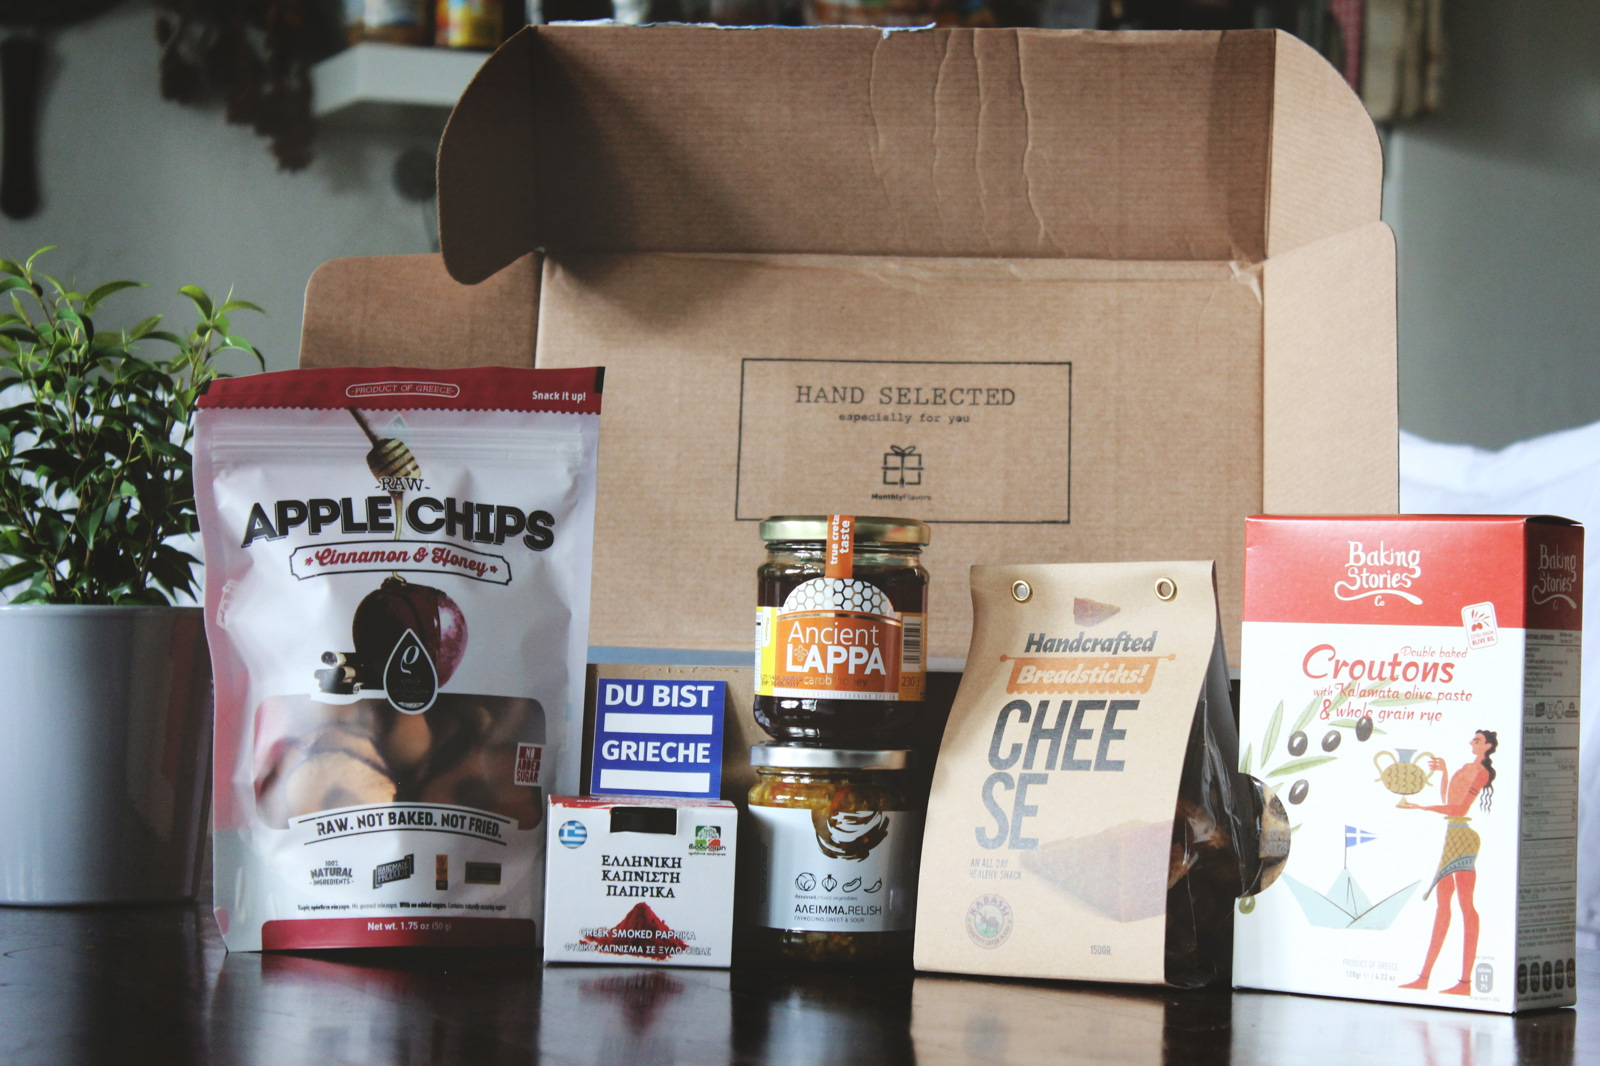 monthlyflavors du bist grieche lebensmittel griechenland alle produkte abo box